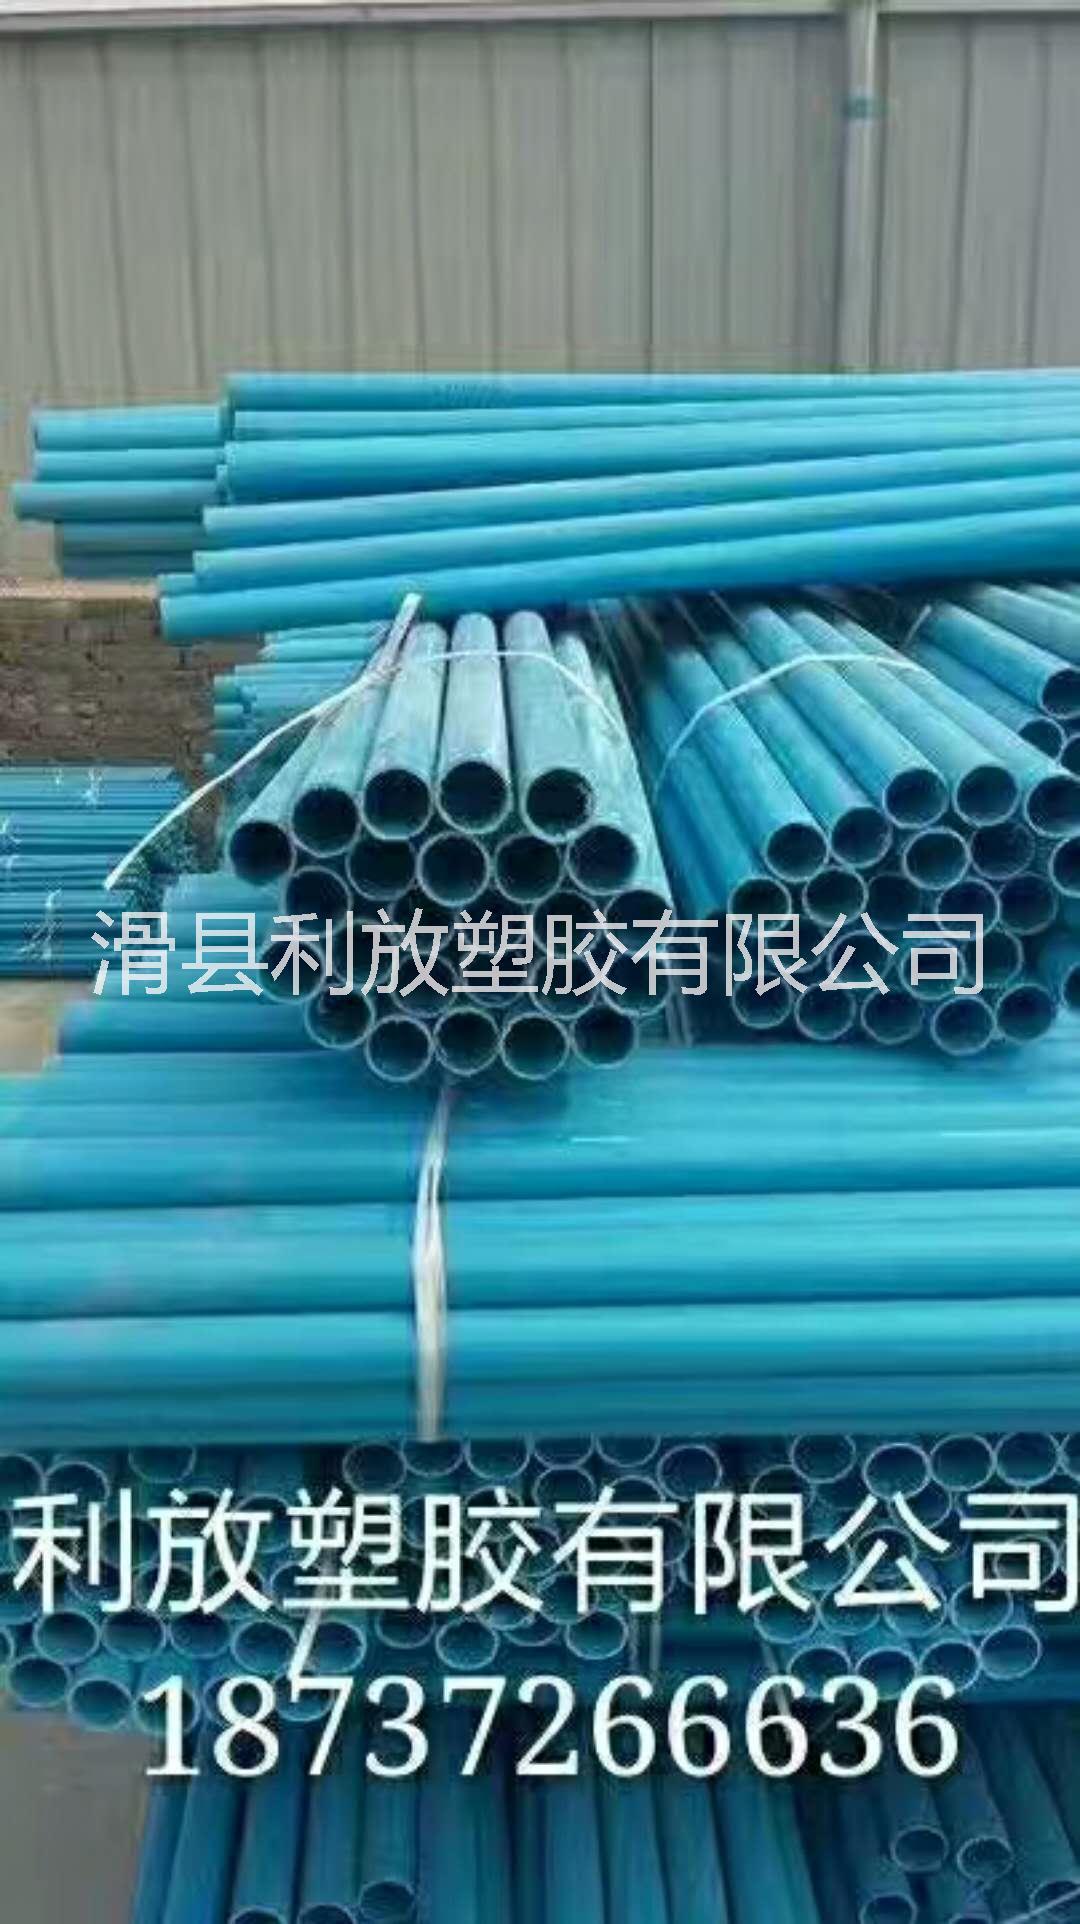 水管     水管供应商        水管生产厂家          江西水管